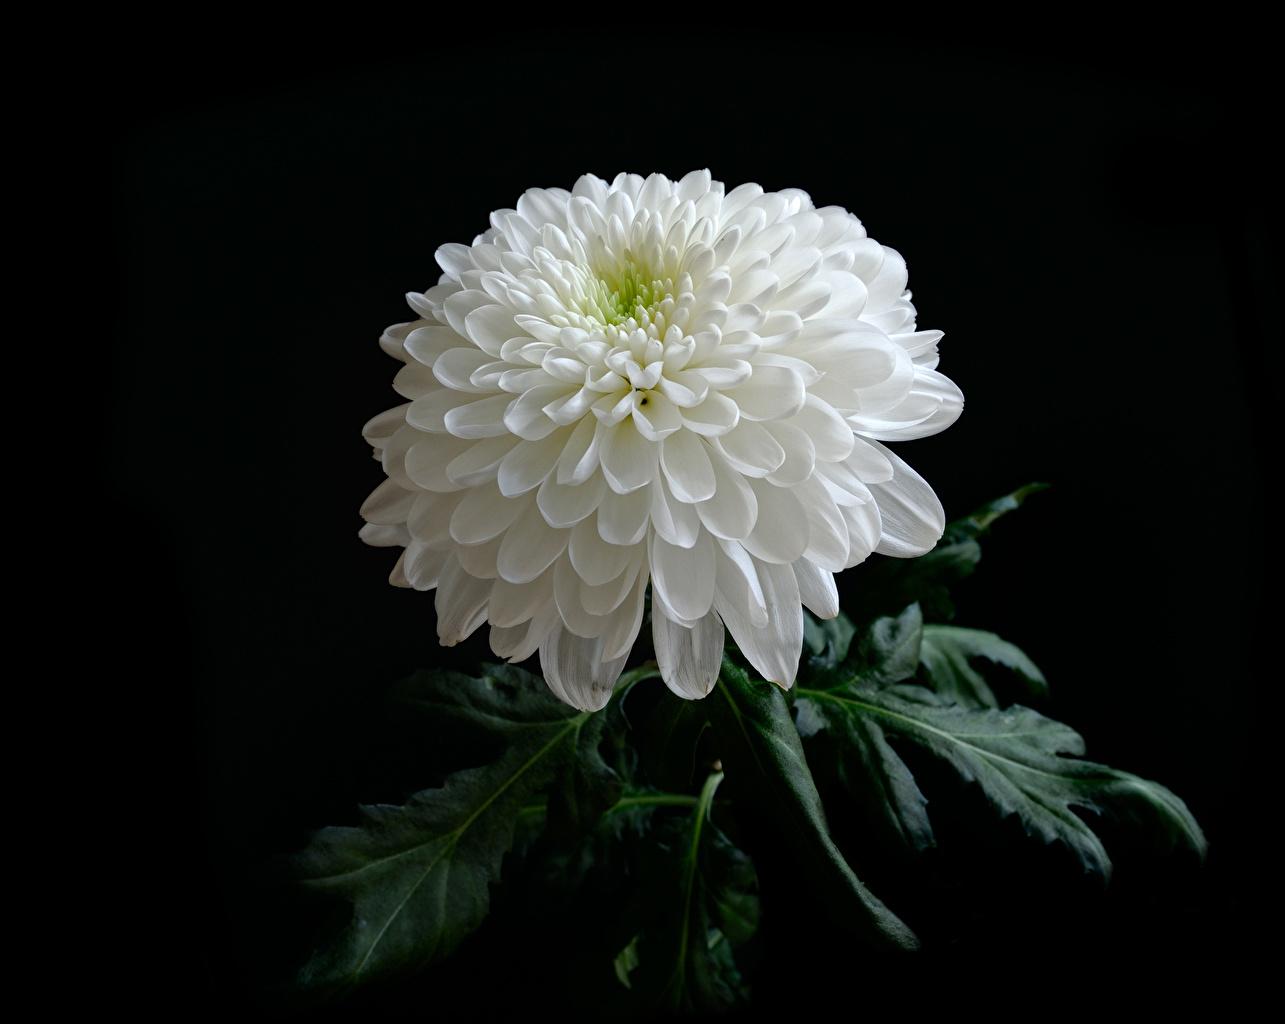 Фотография Белый Цветы Хризантемы Черный фон Крупным планом белых белые белая вблизи